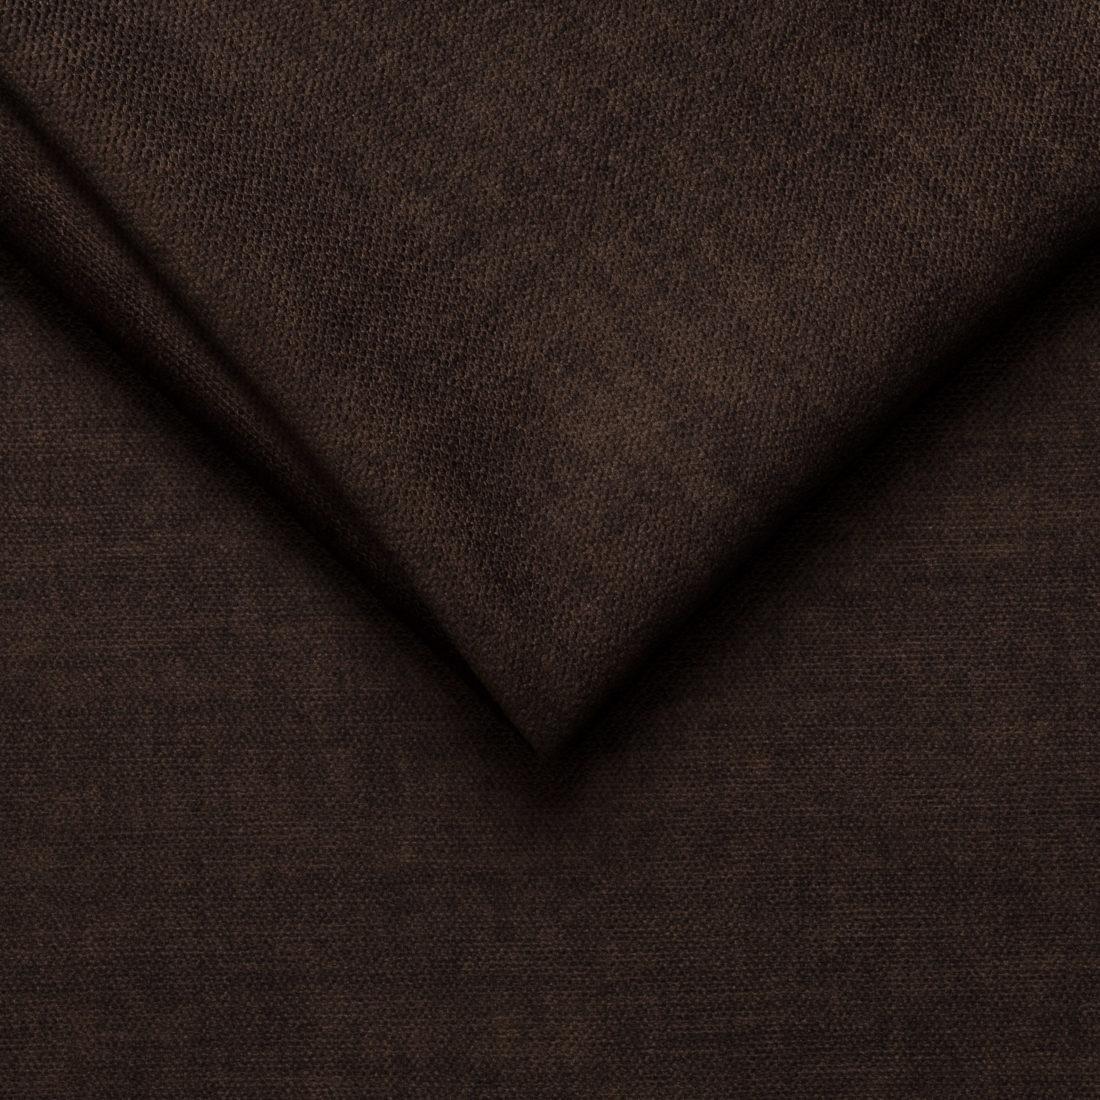 Мебельная ткань Vogue 6 Brown, велюр